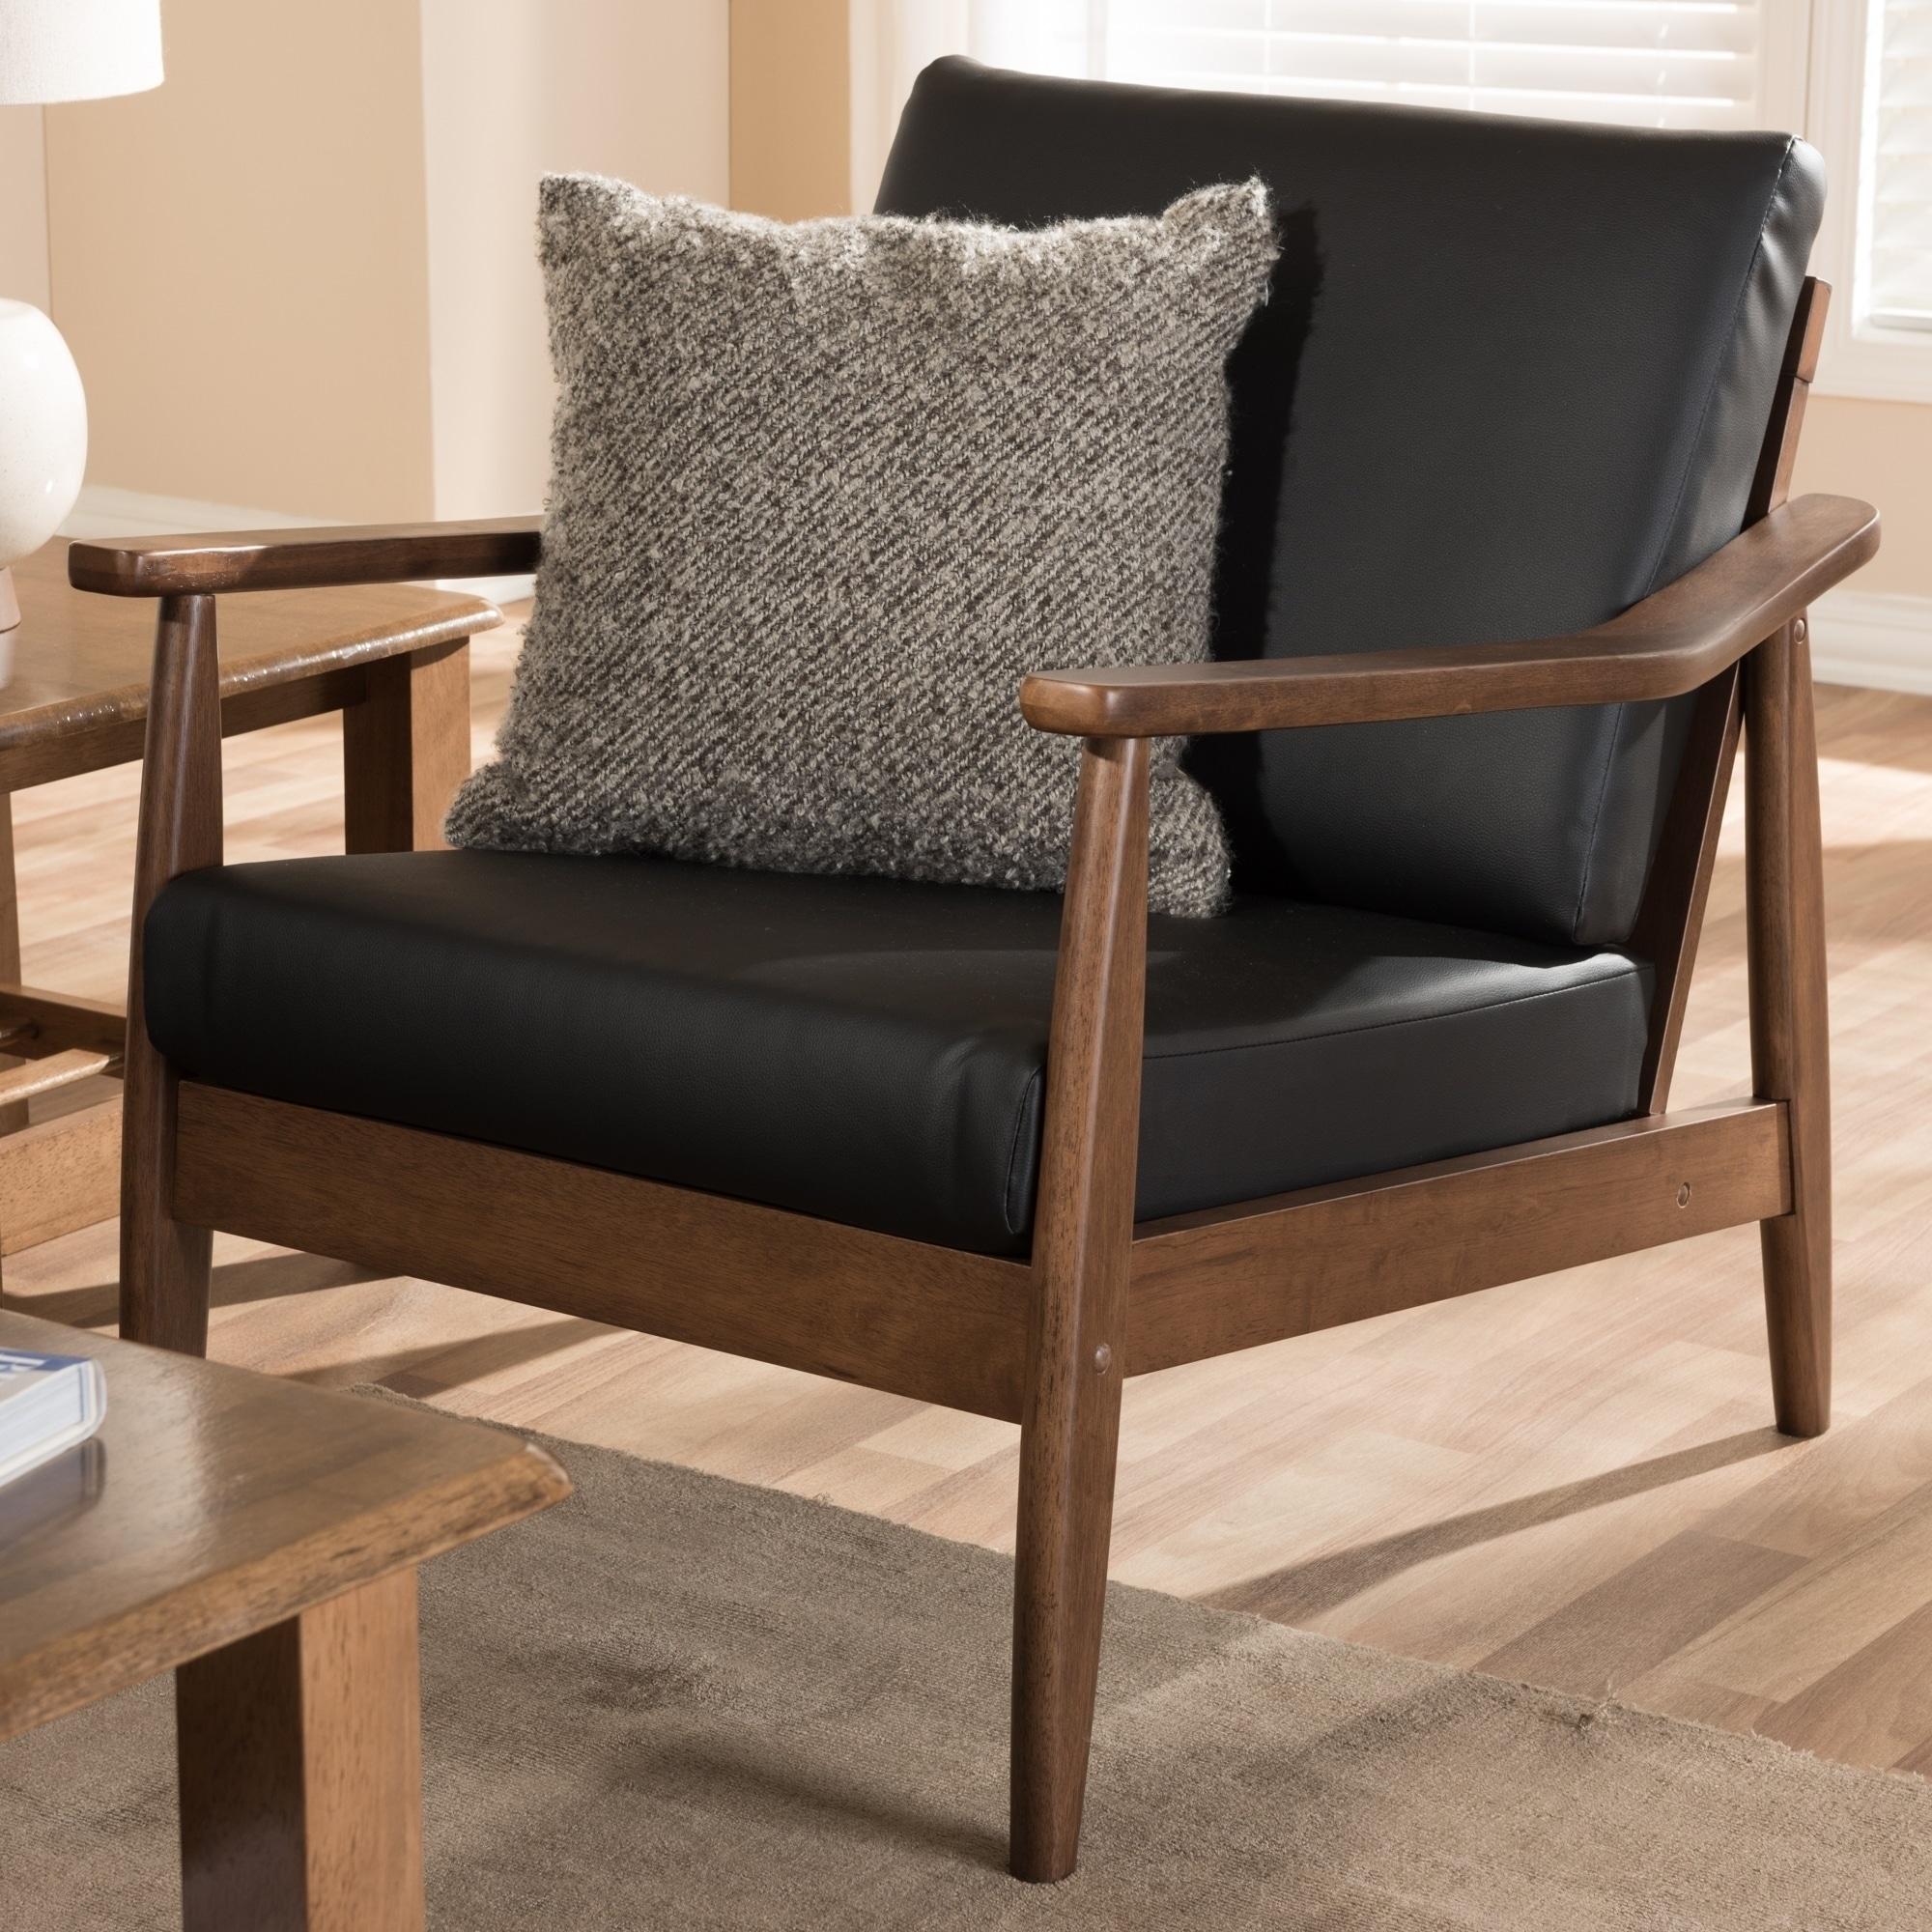 Outstanding Mid Century Modern Living Room Chairs Shop Online At Overstock Inzonedesignstudio Interior Chair Design Inzonedesignstudiocom